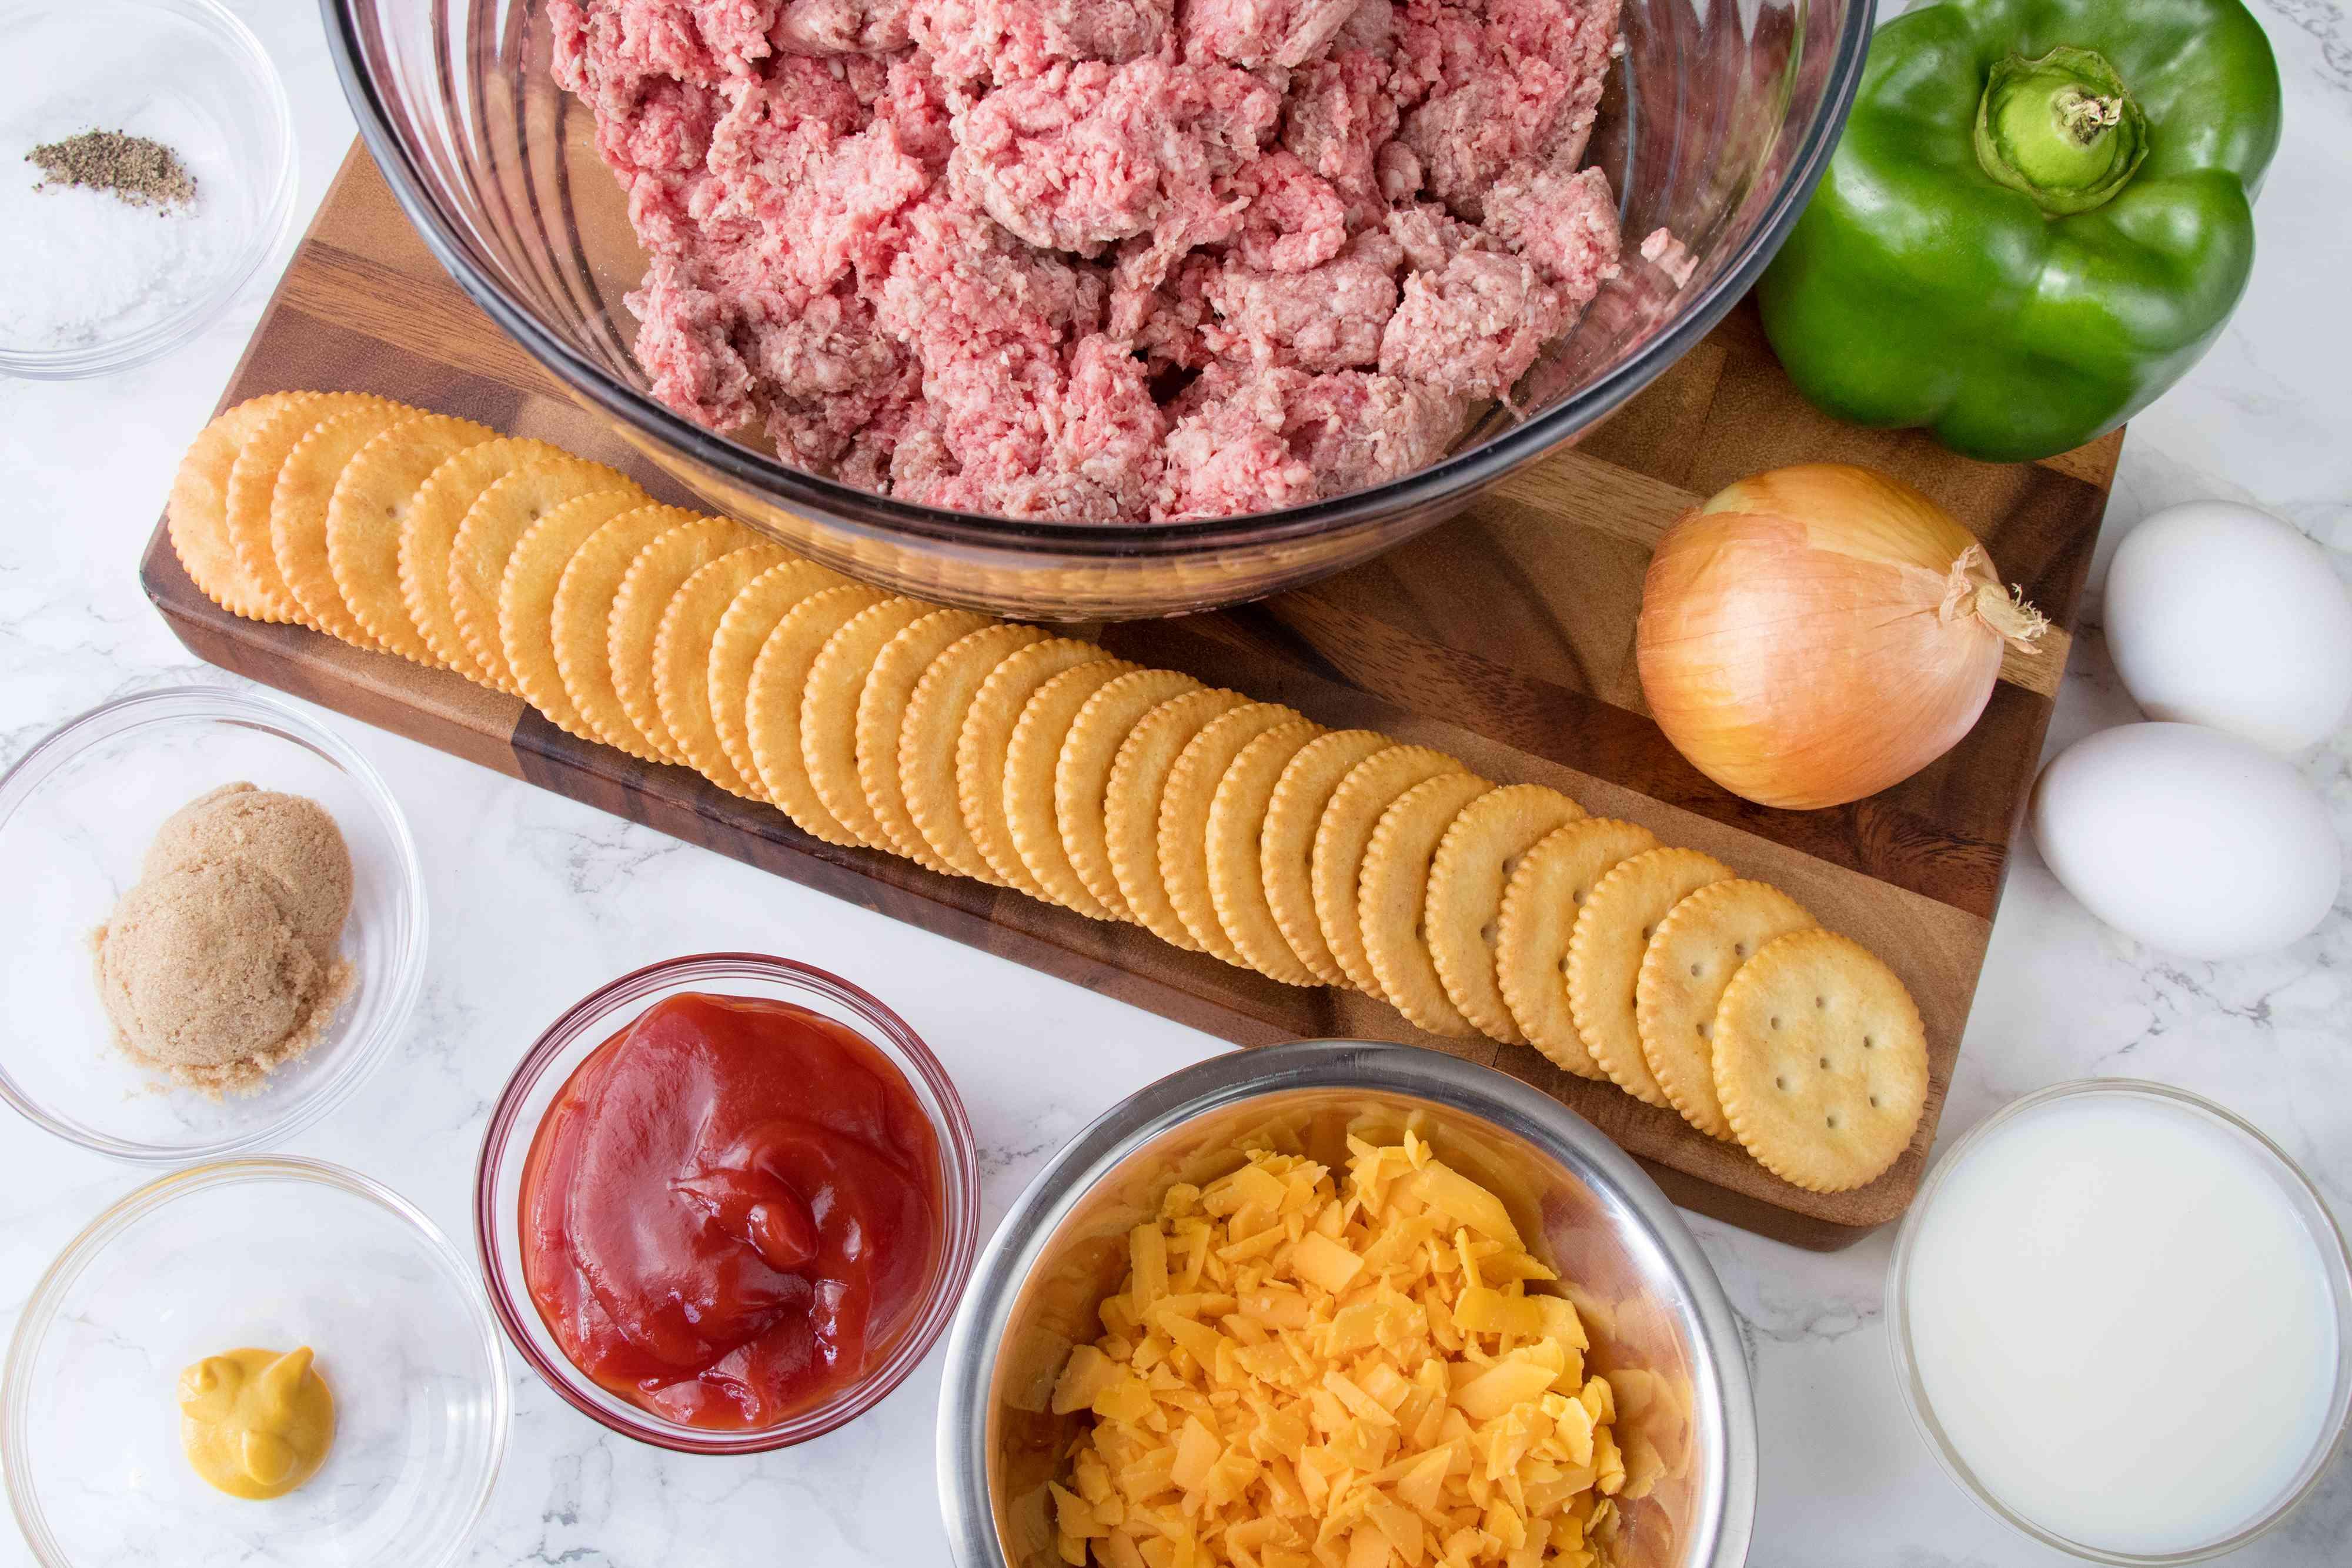 Ingredients for Copycat Cracker Barrel Meatloaf